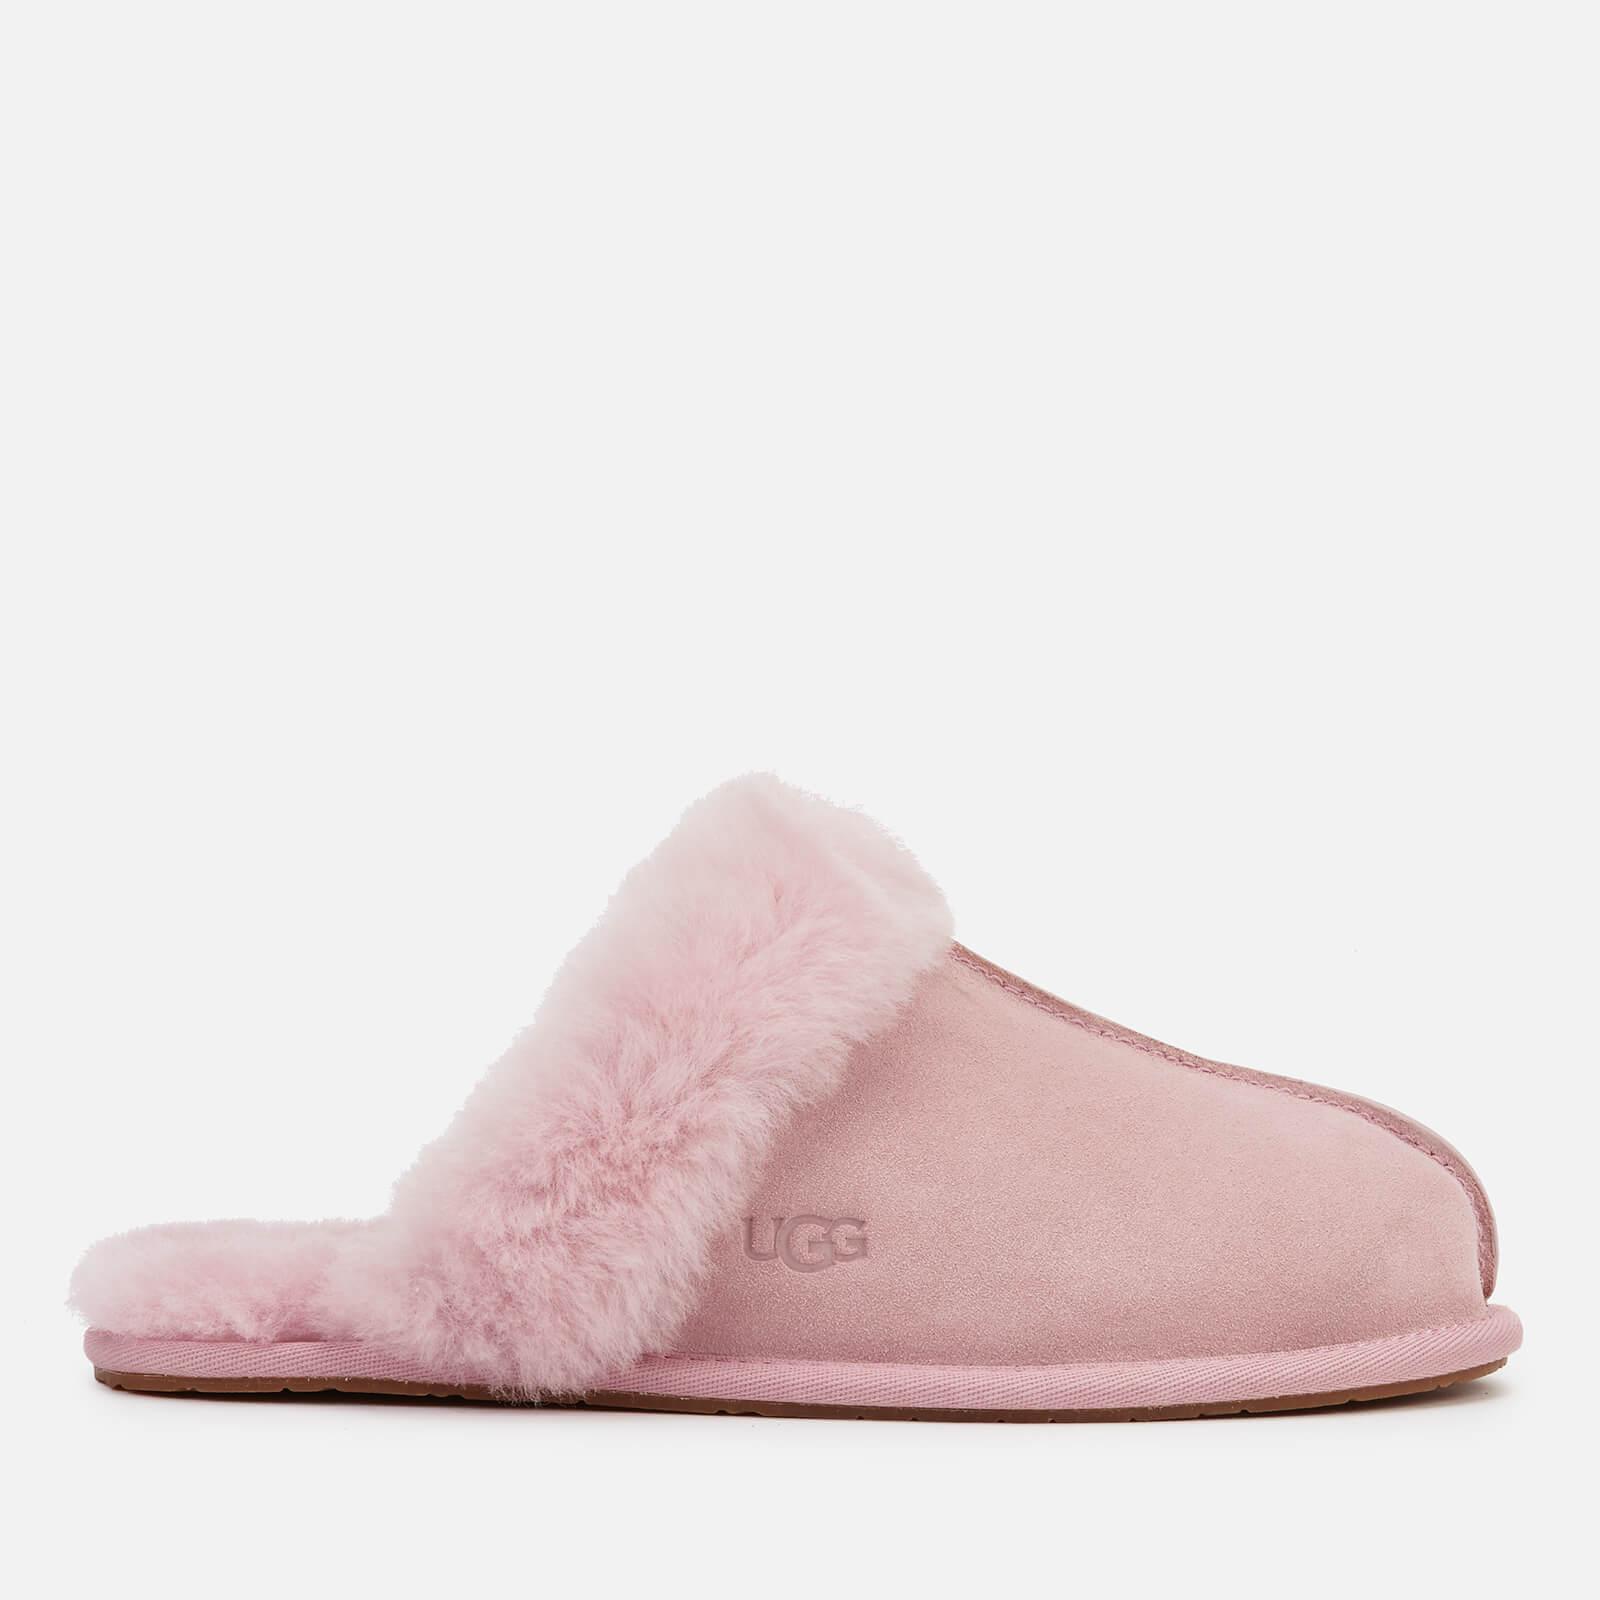 UGG Women's Scuffette II Slippers - Pink Crystal - UK 4